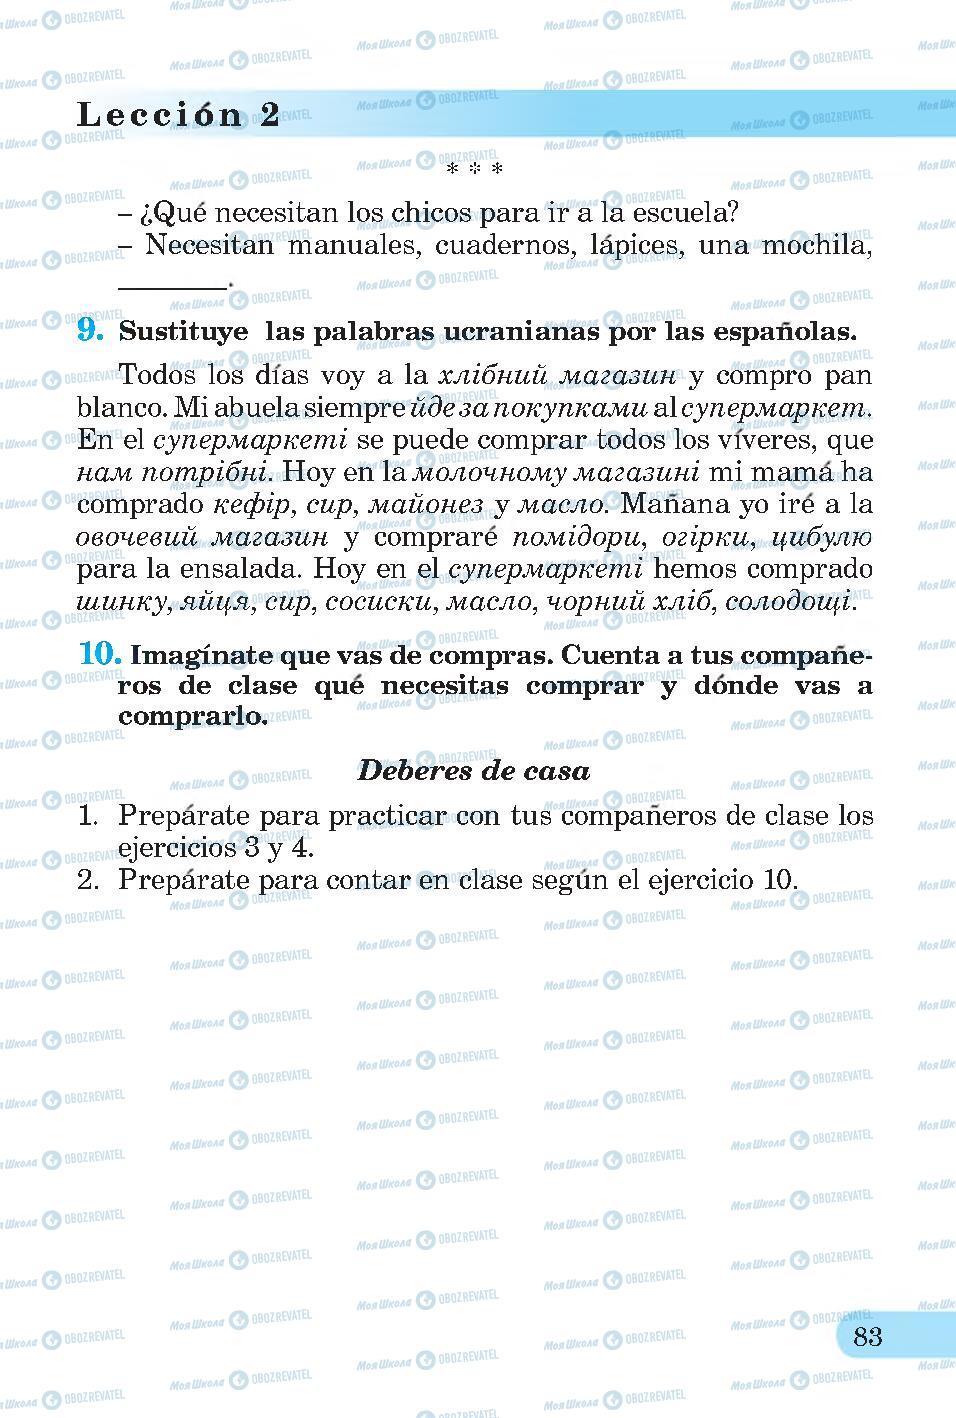 Підручники Іспанська мова 4 клас сторінка 83